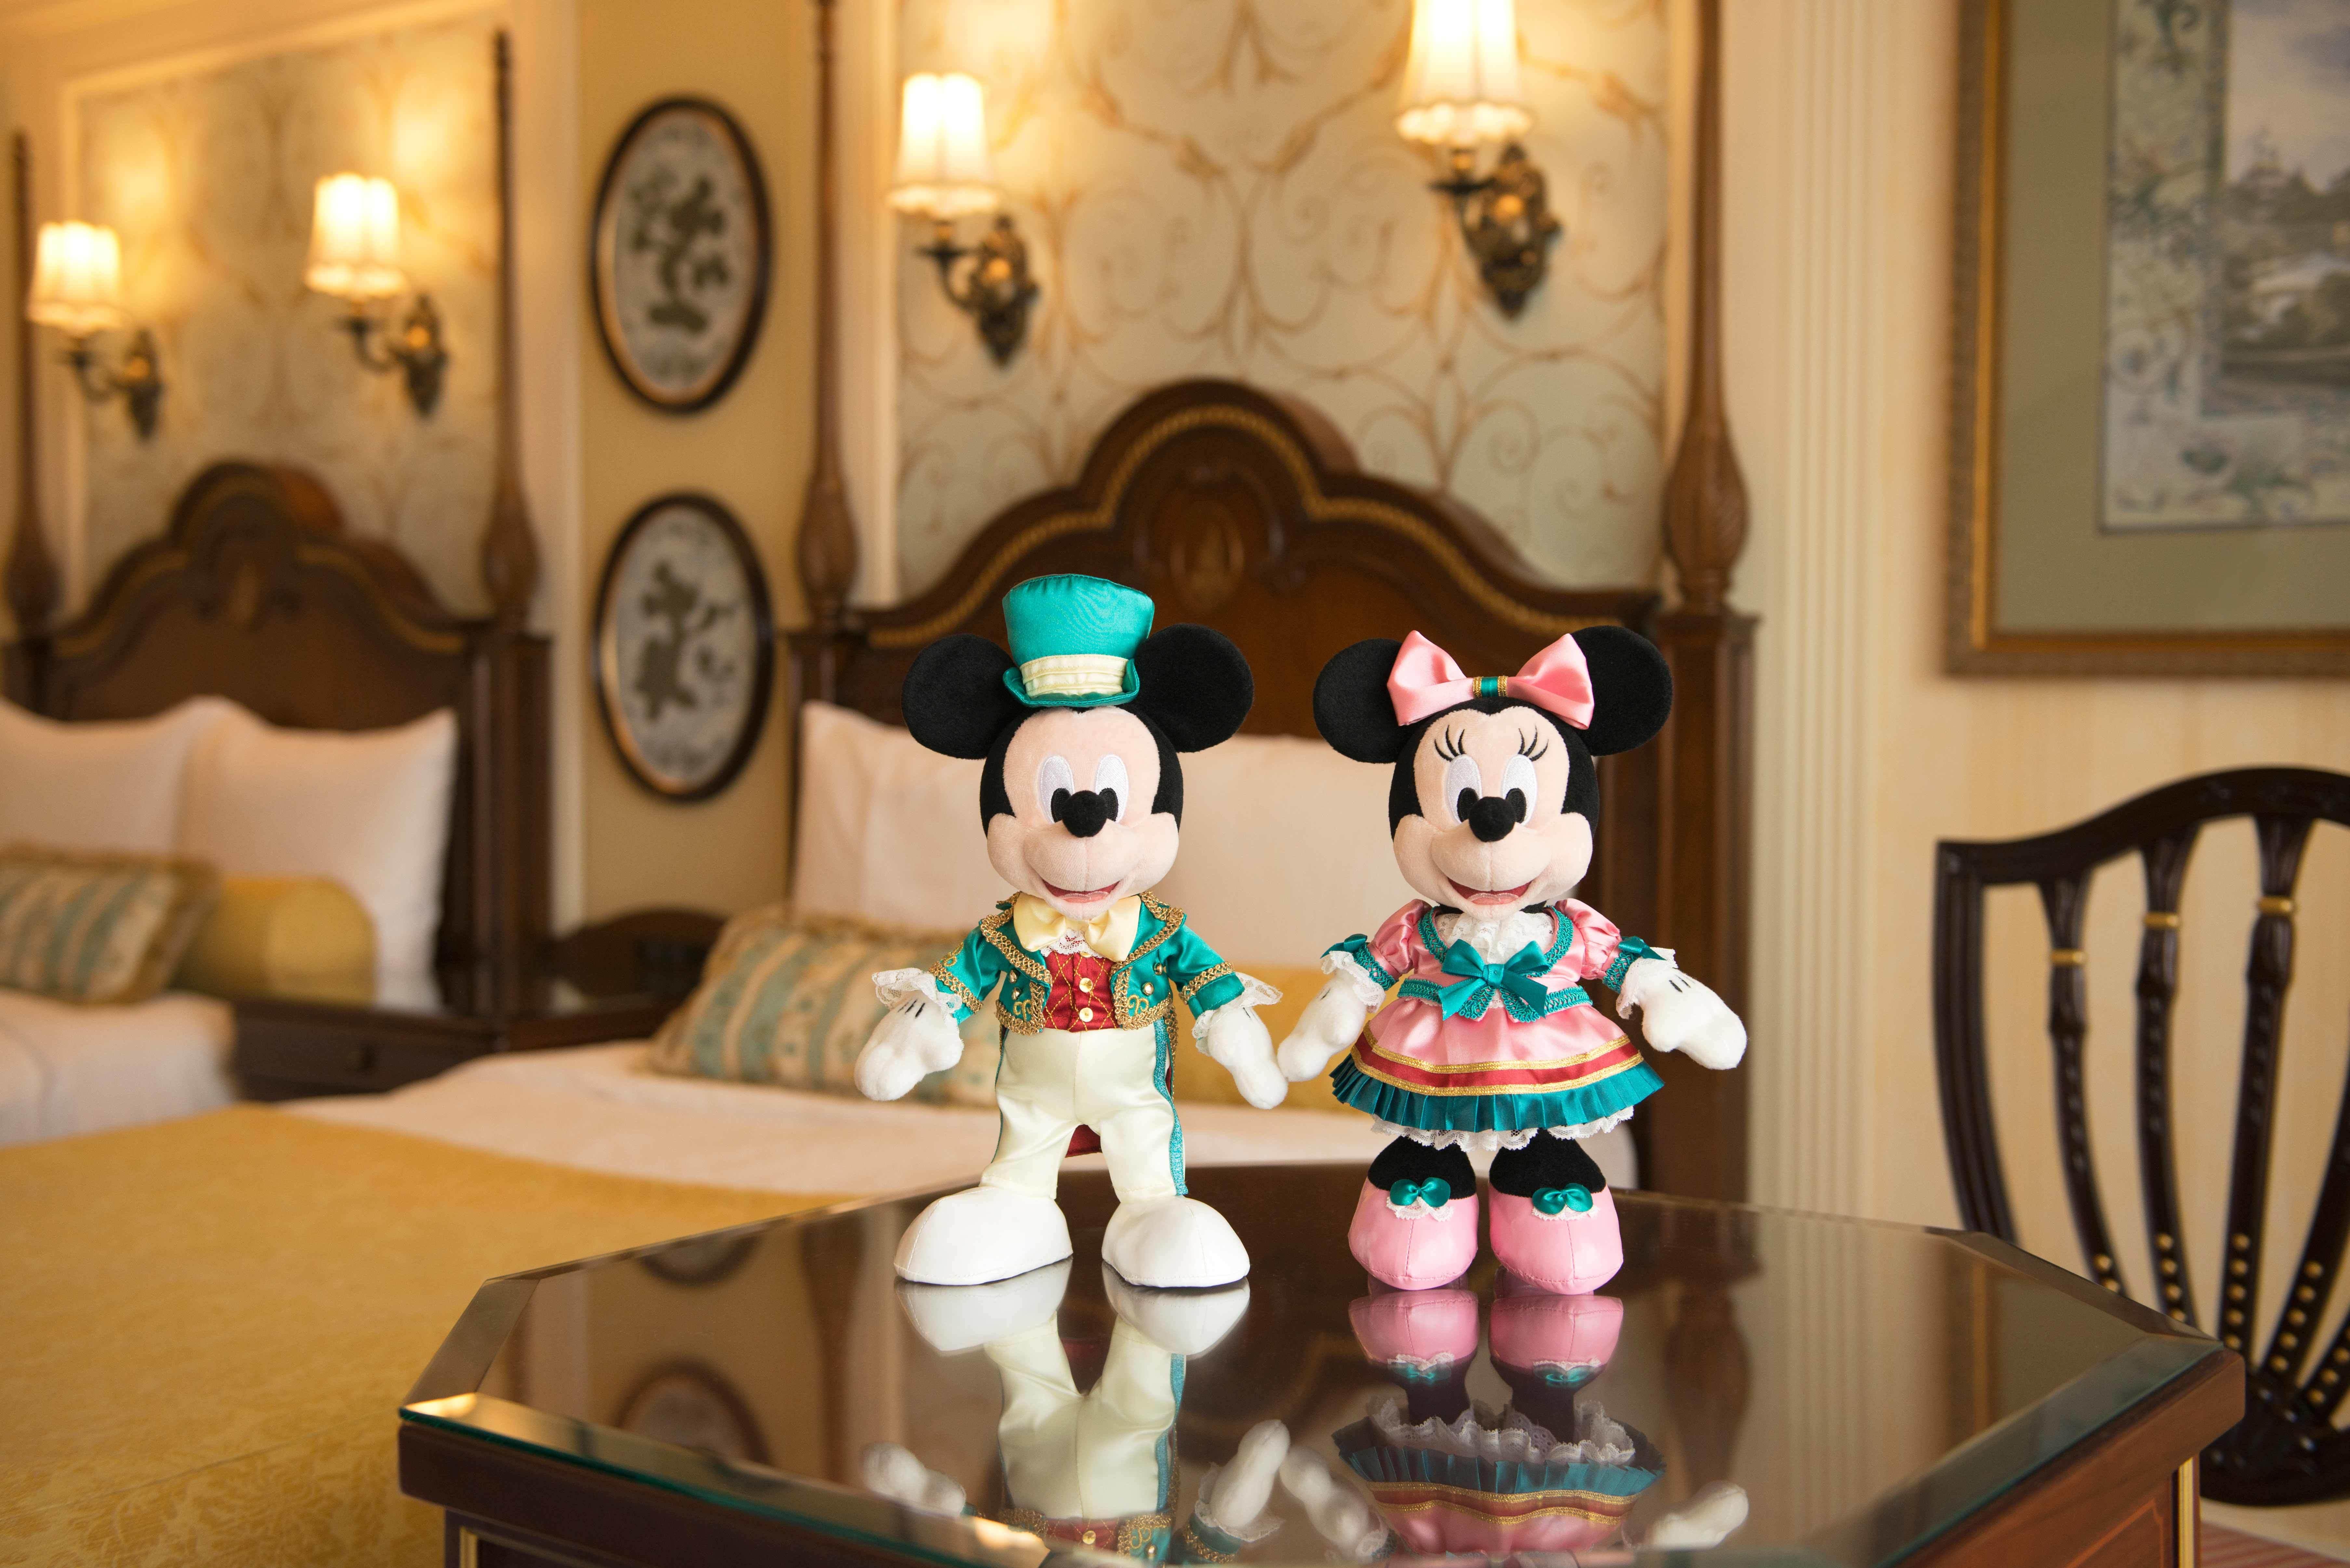 ディズニーホテル】宿泊者限定! ホテル衣装のミッキー&ミニーぬいぐるみ